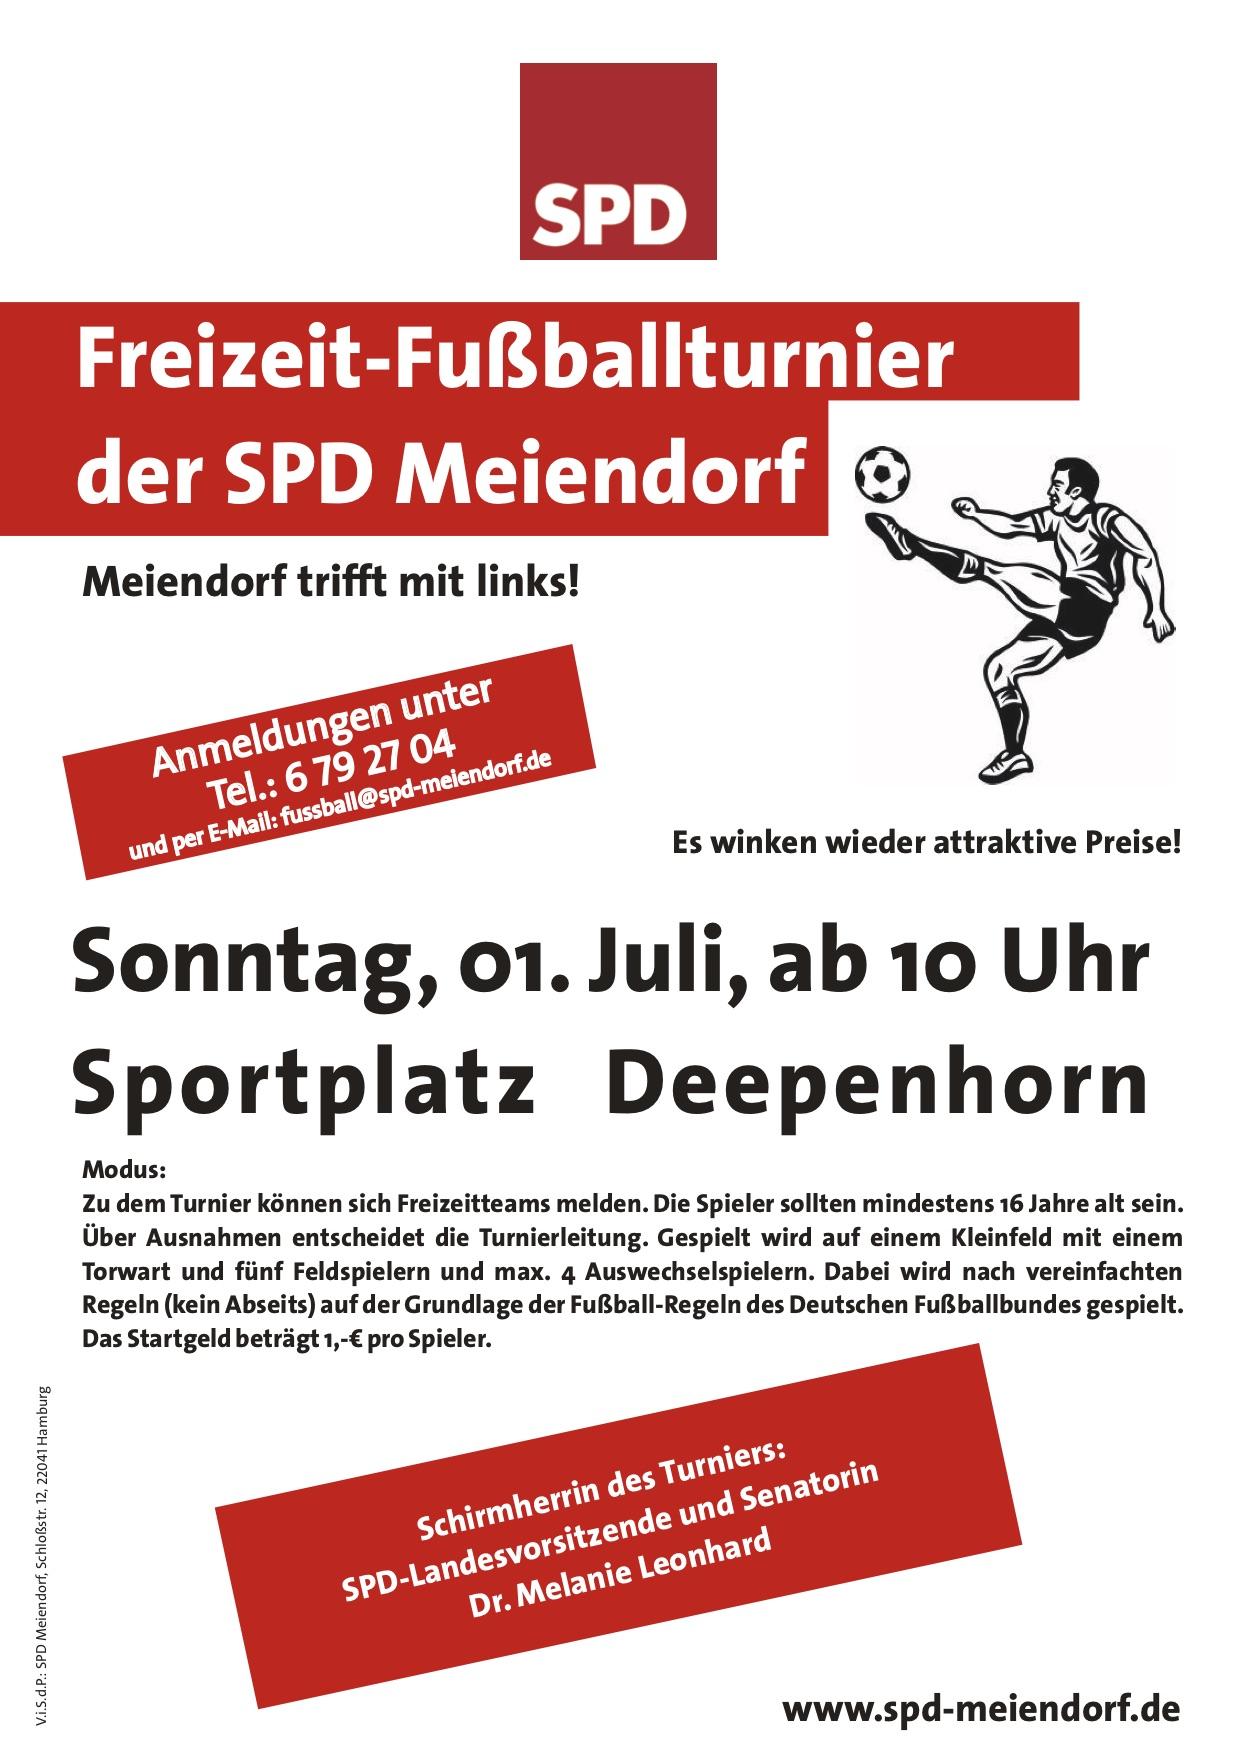 fussballturnier_meiendorf_2018.jpg